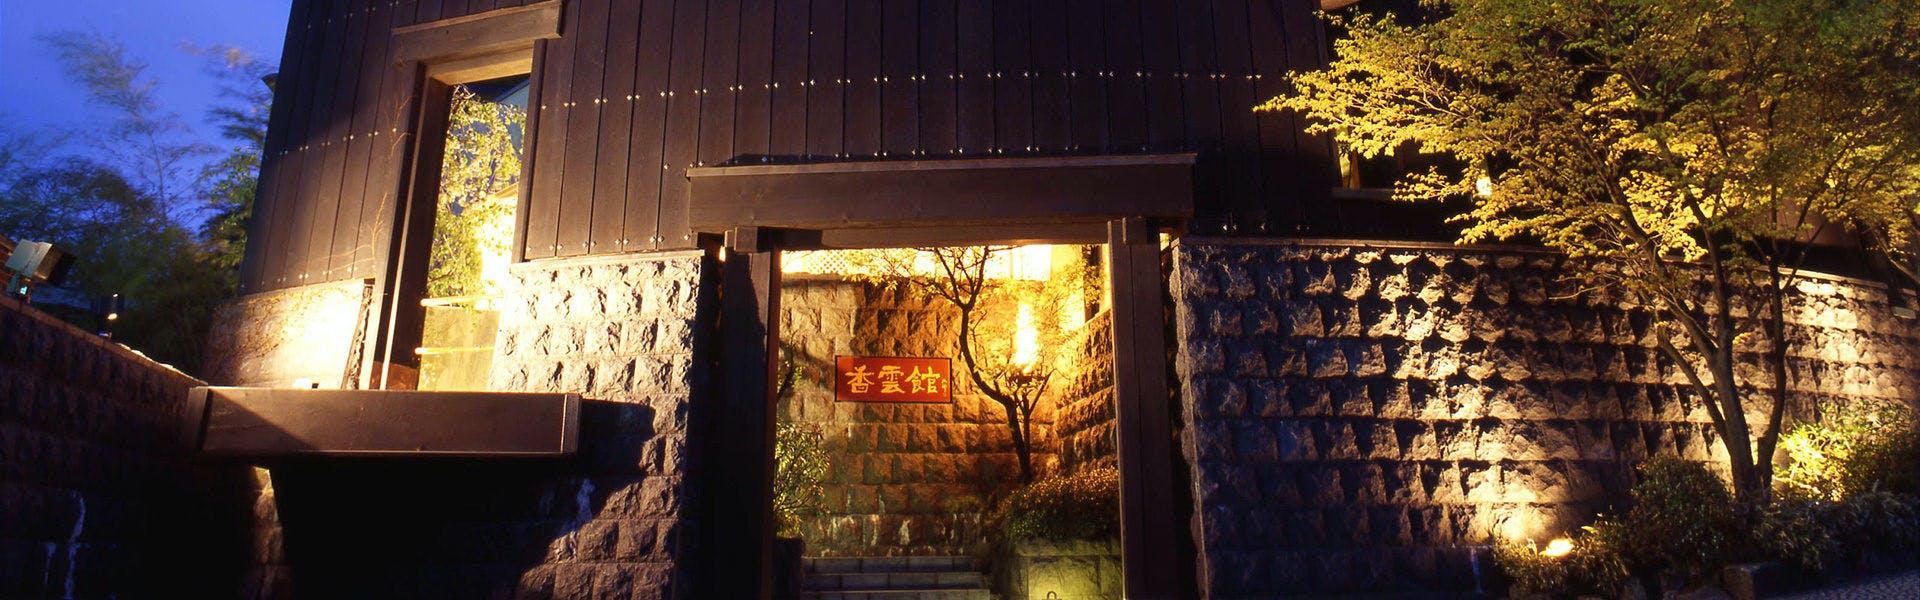 記念日におすすめのホテル・香雲館の写真1